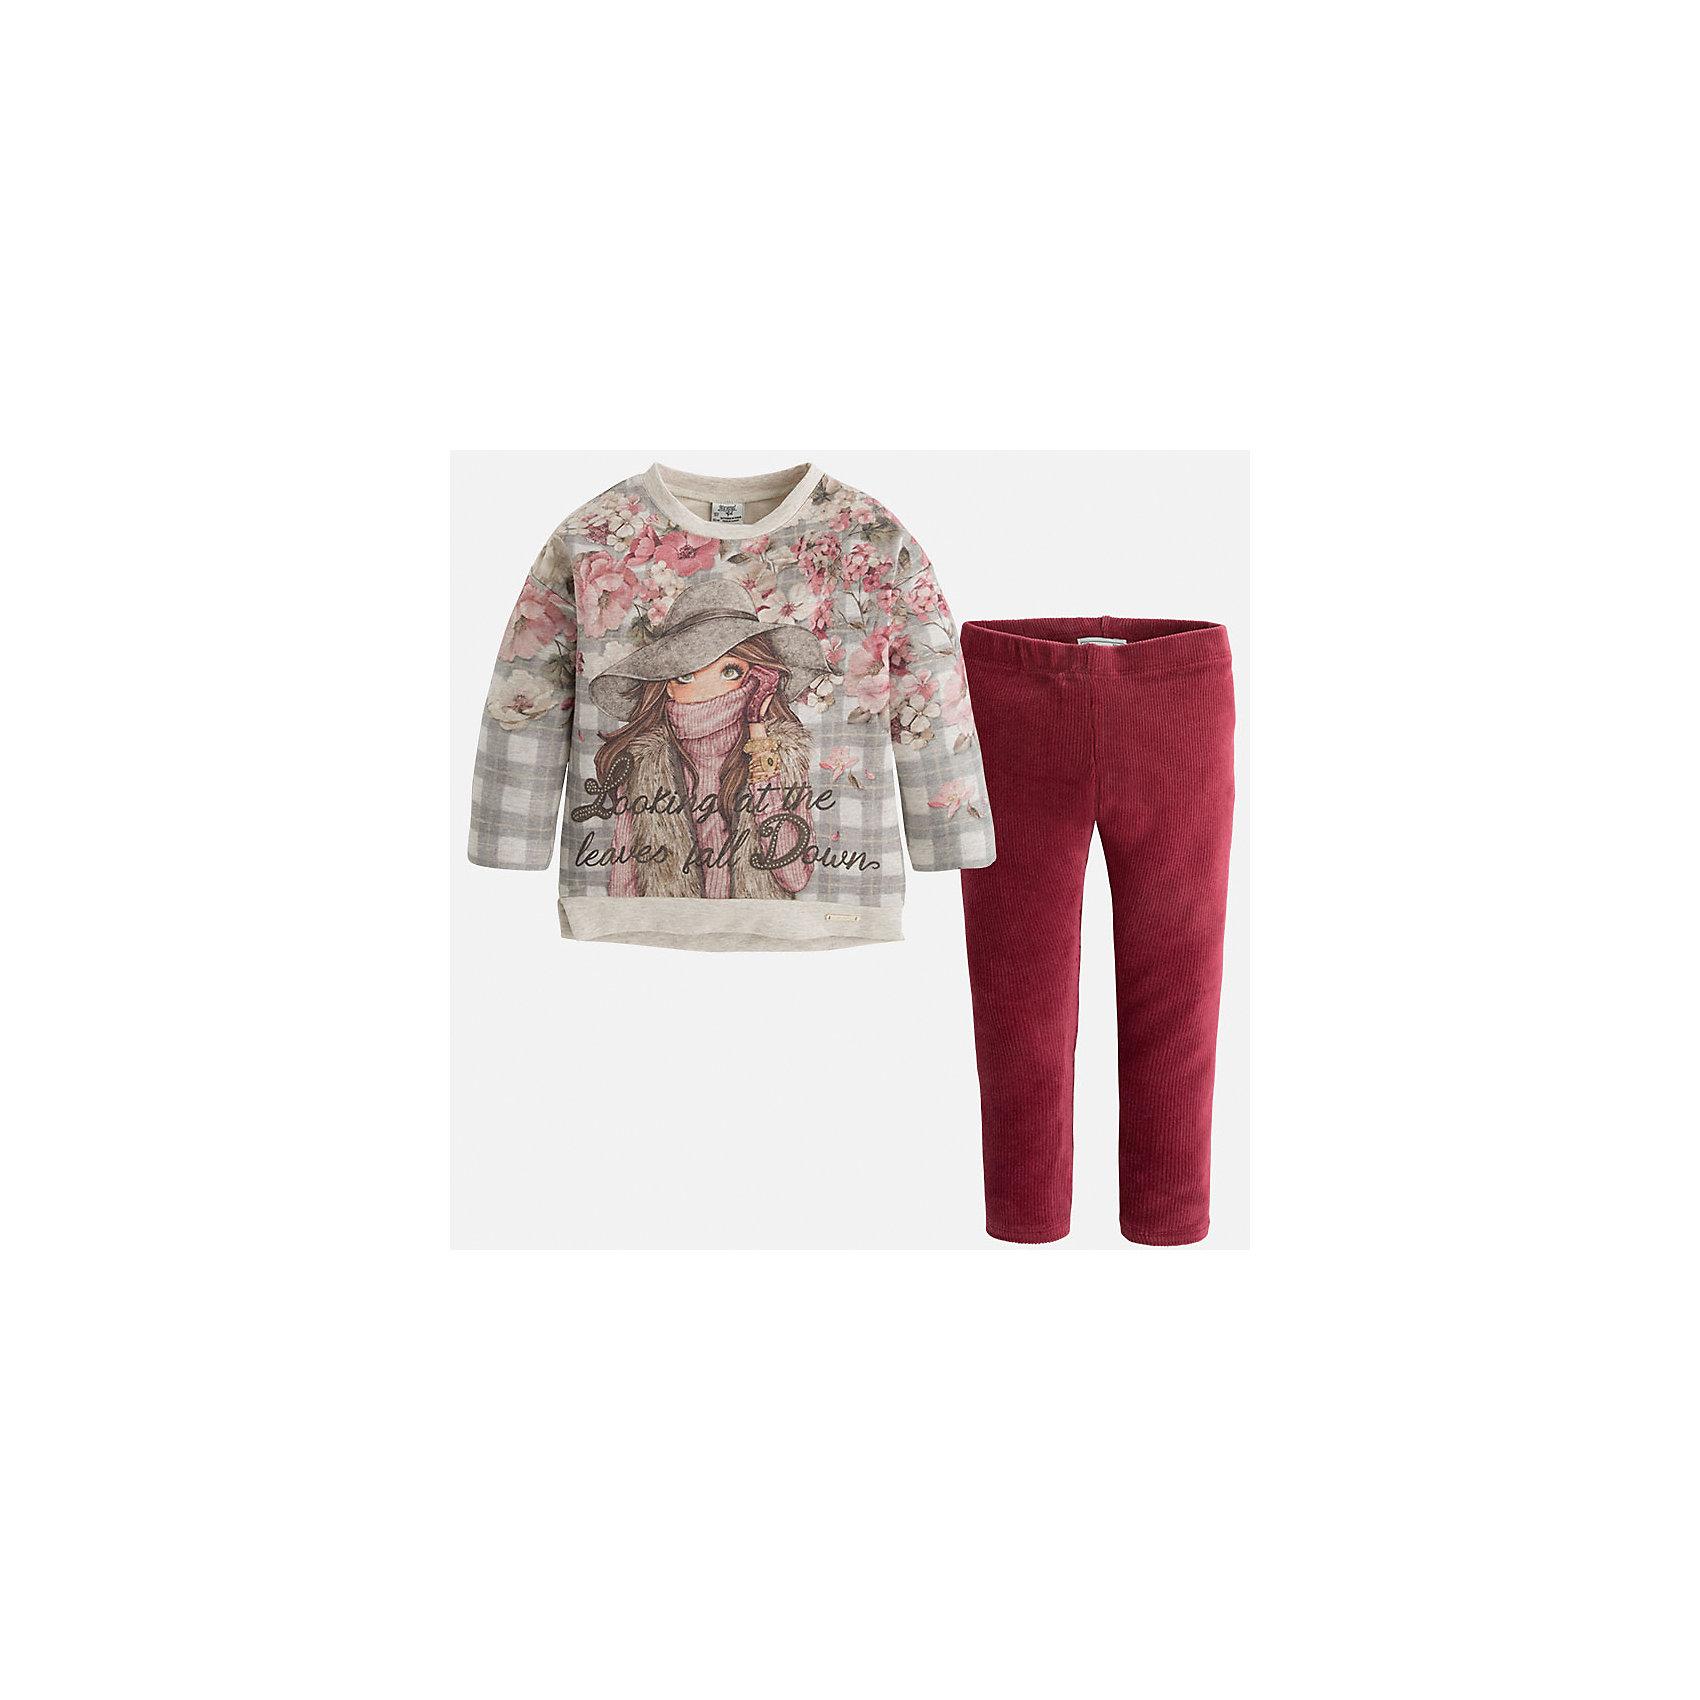 Mayoral Комплект: футболка и леггинсы для девочки Mayoral